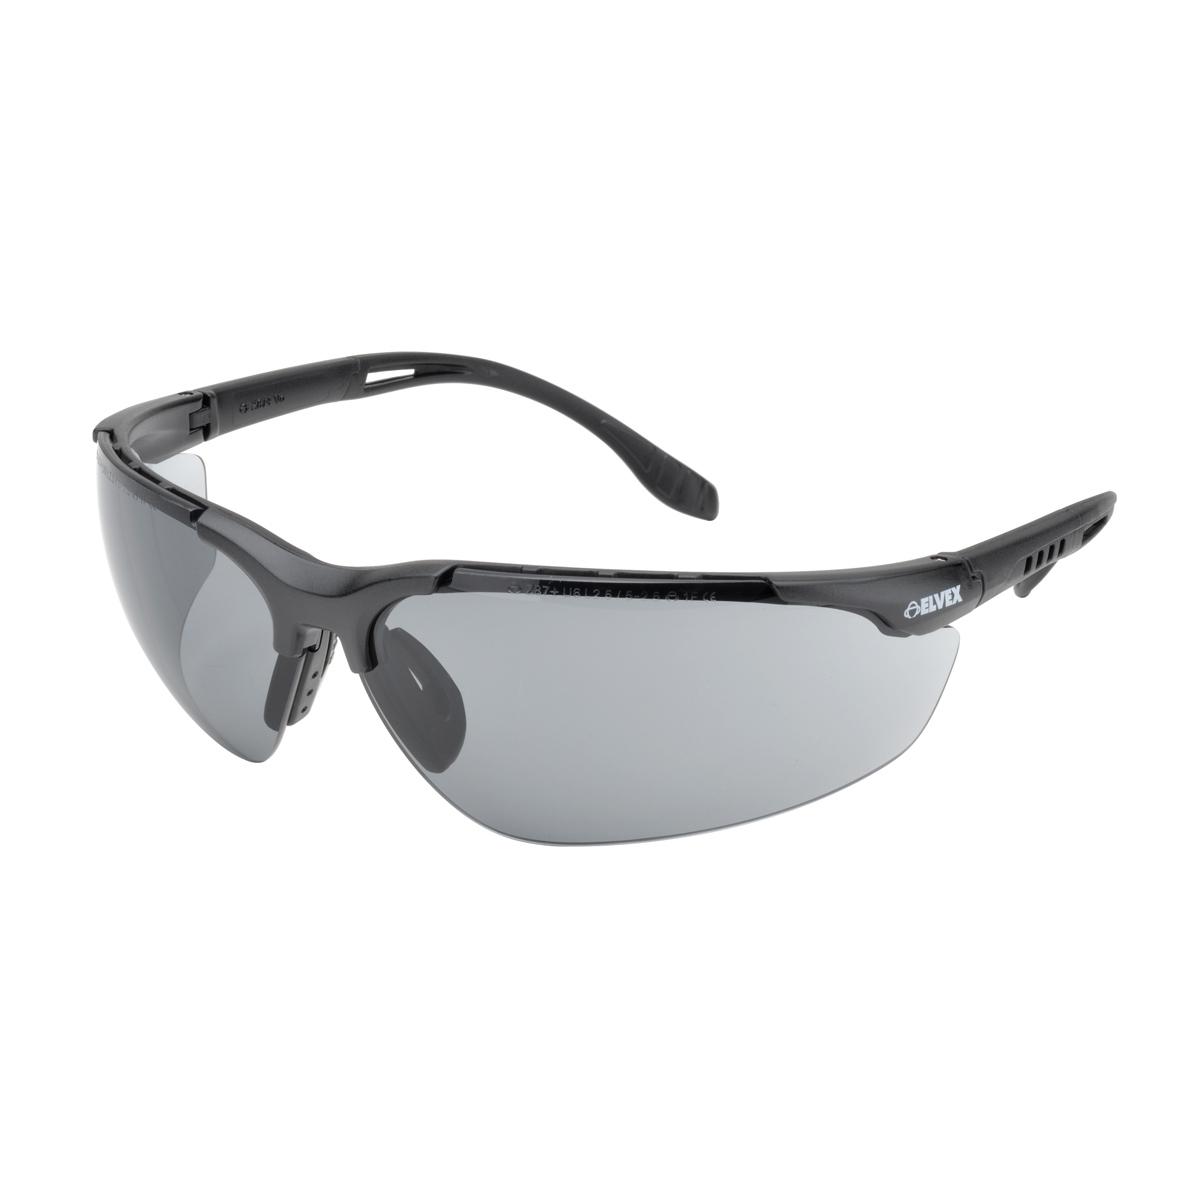 Black Frame Glasses Singapore : Elvex SG-51G-AF Sphere-X Ultimate Safety Glasses - Black ...